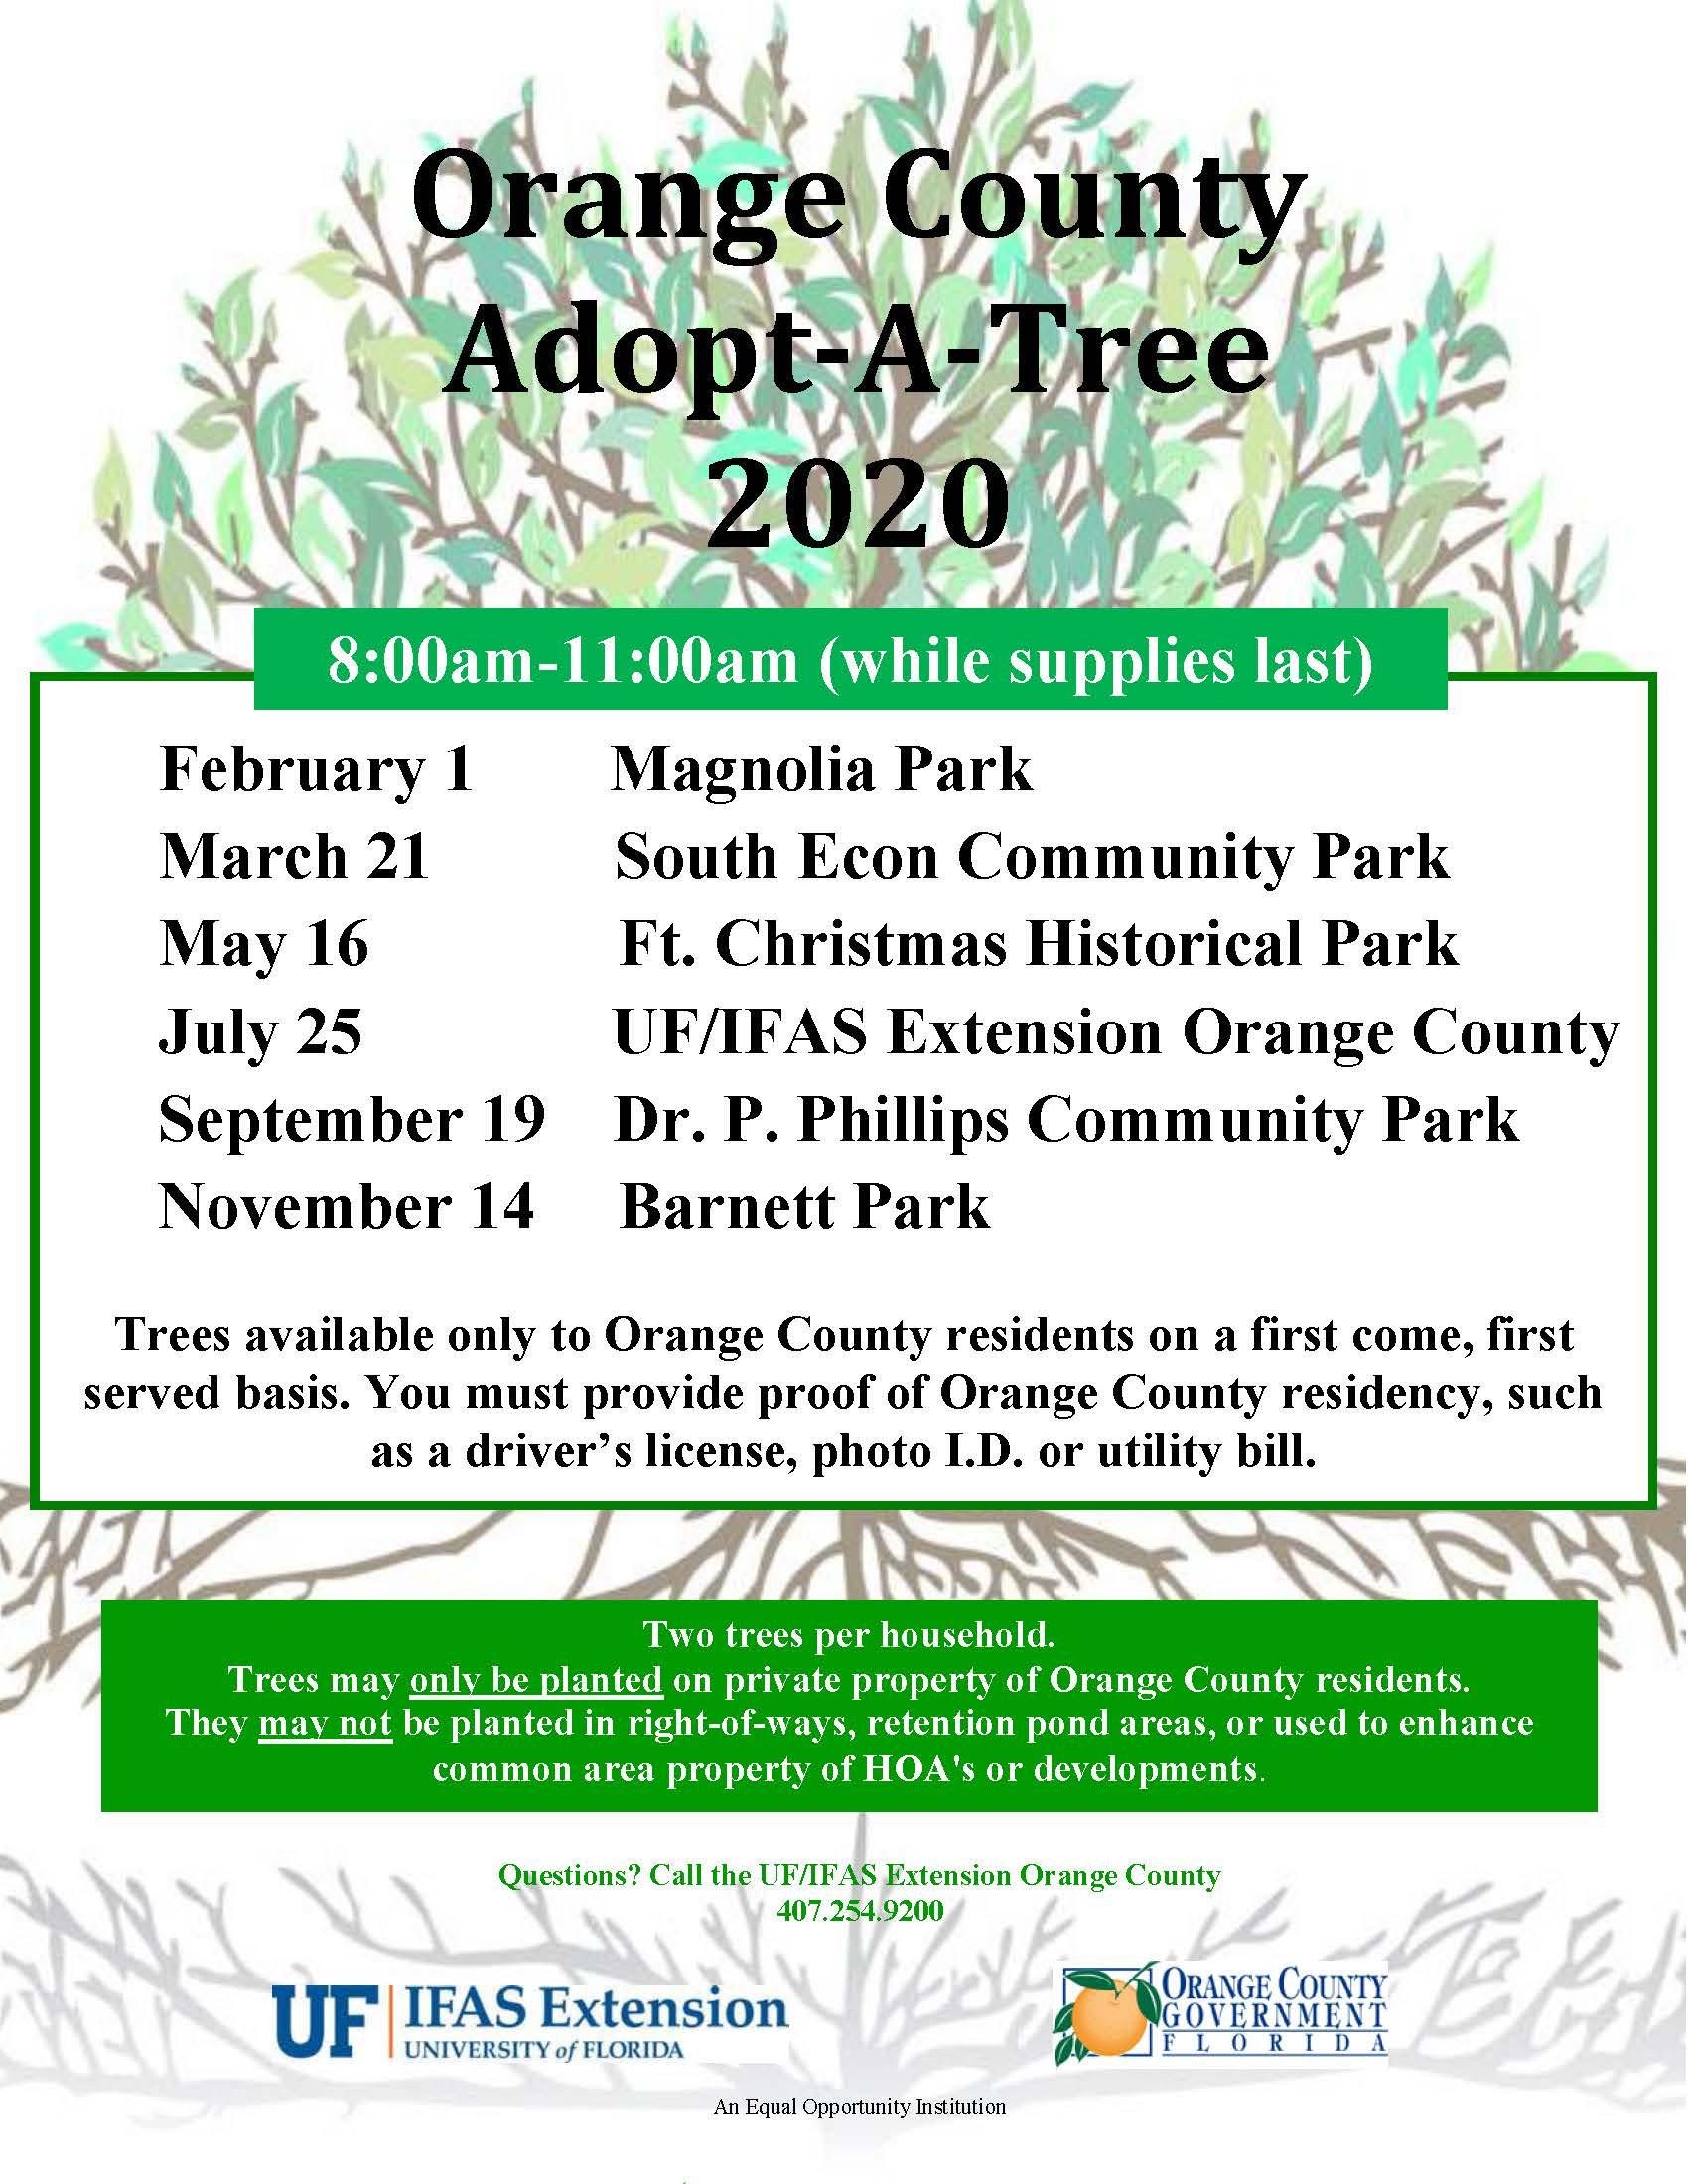 Adpot A Tree program flyer 2020